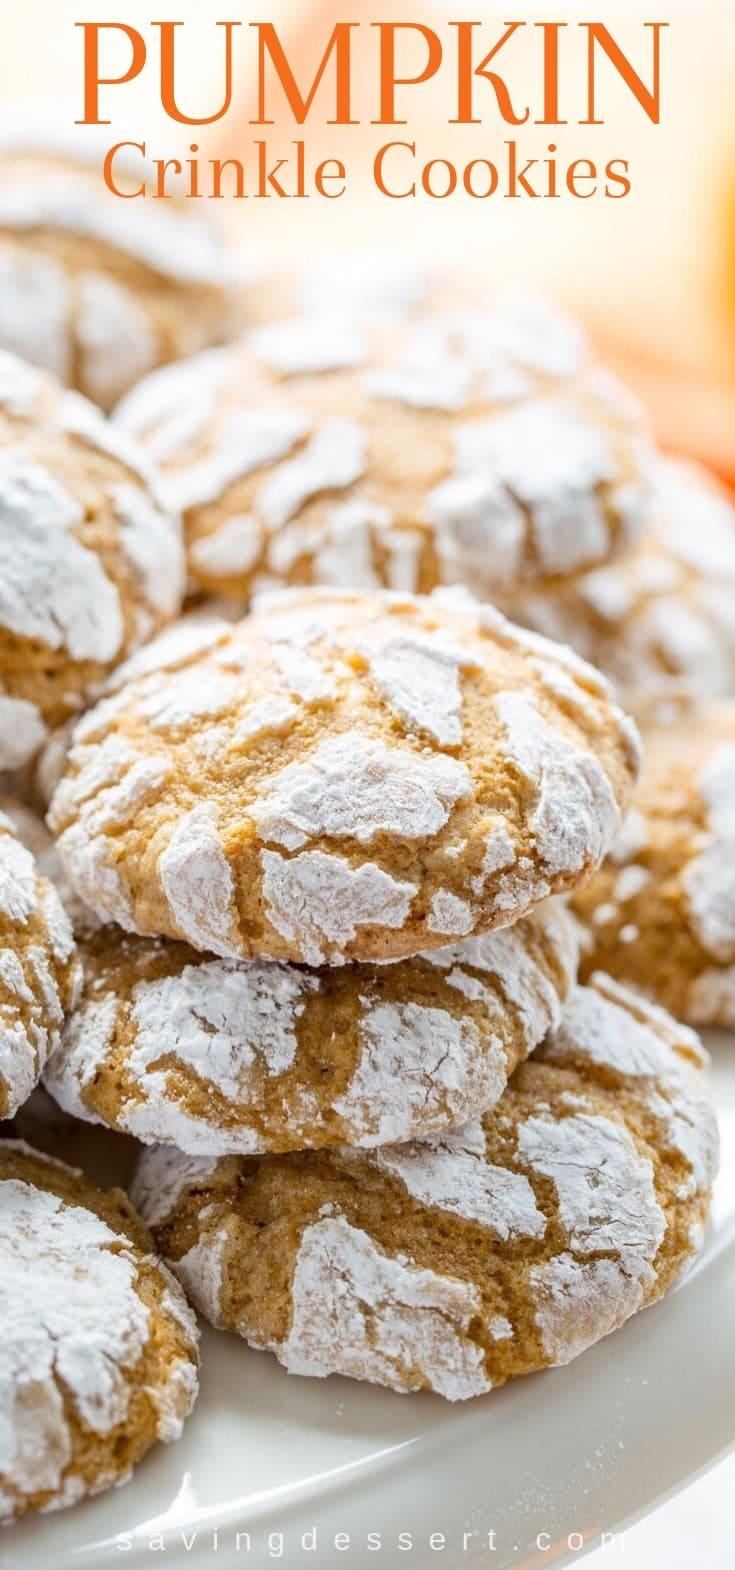 A stack of pumpkin crinkle cookies